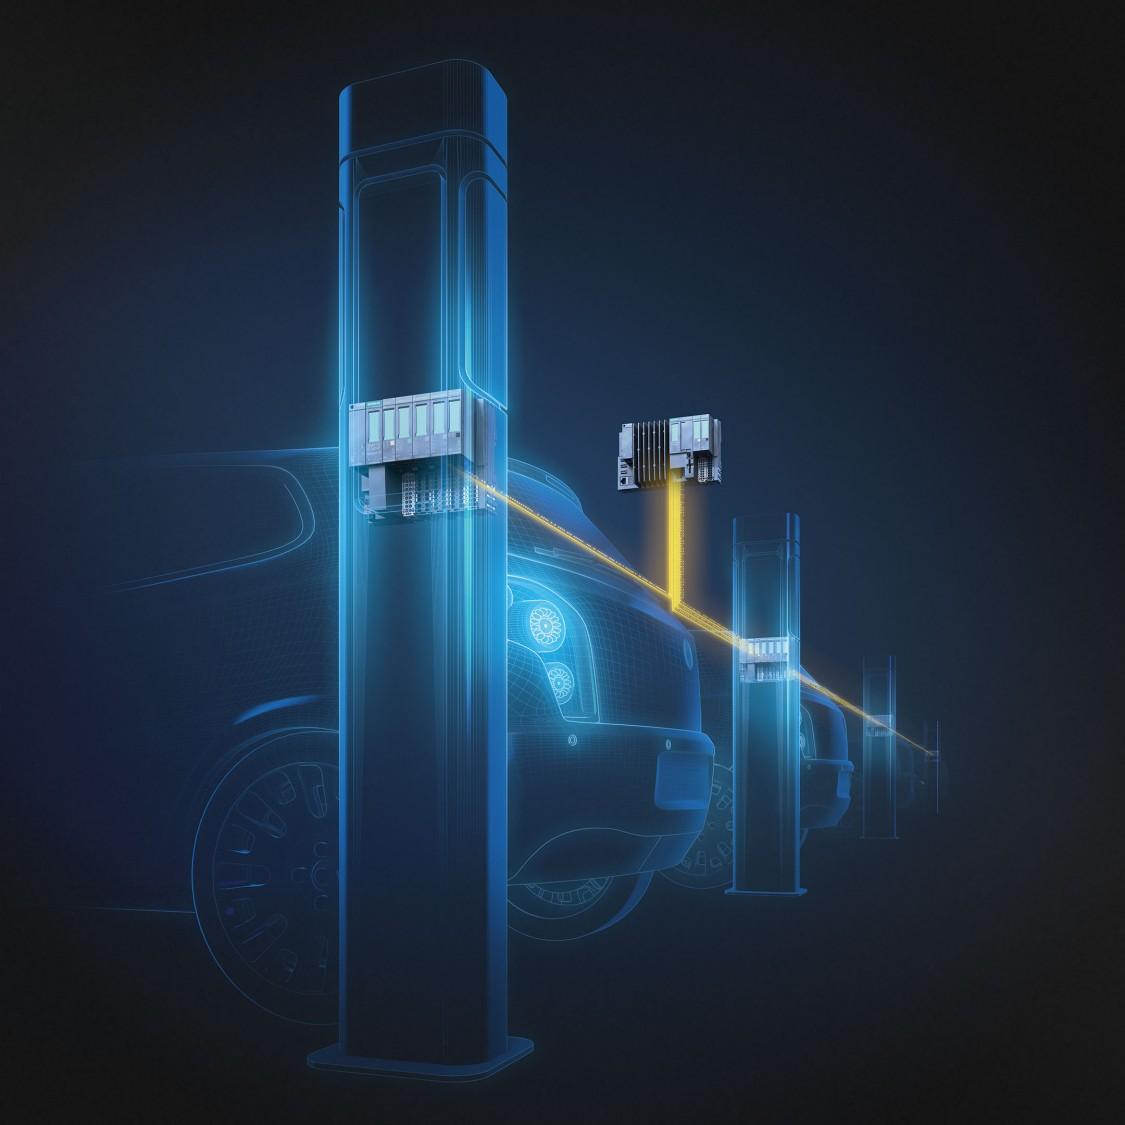 Systémové řešení sledování výroby a údržby pro automobilový průmysl